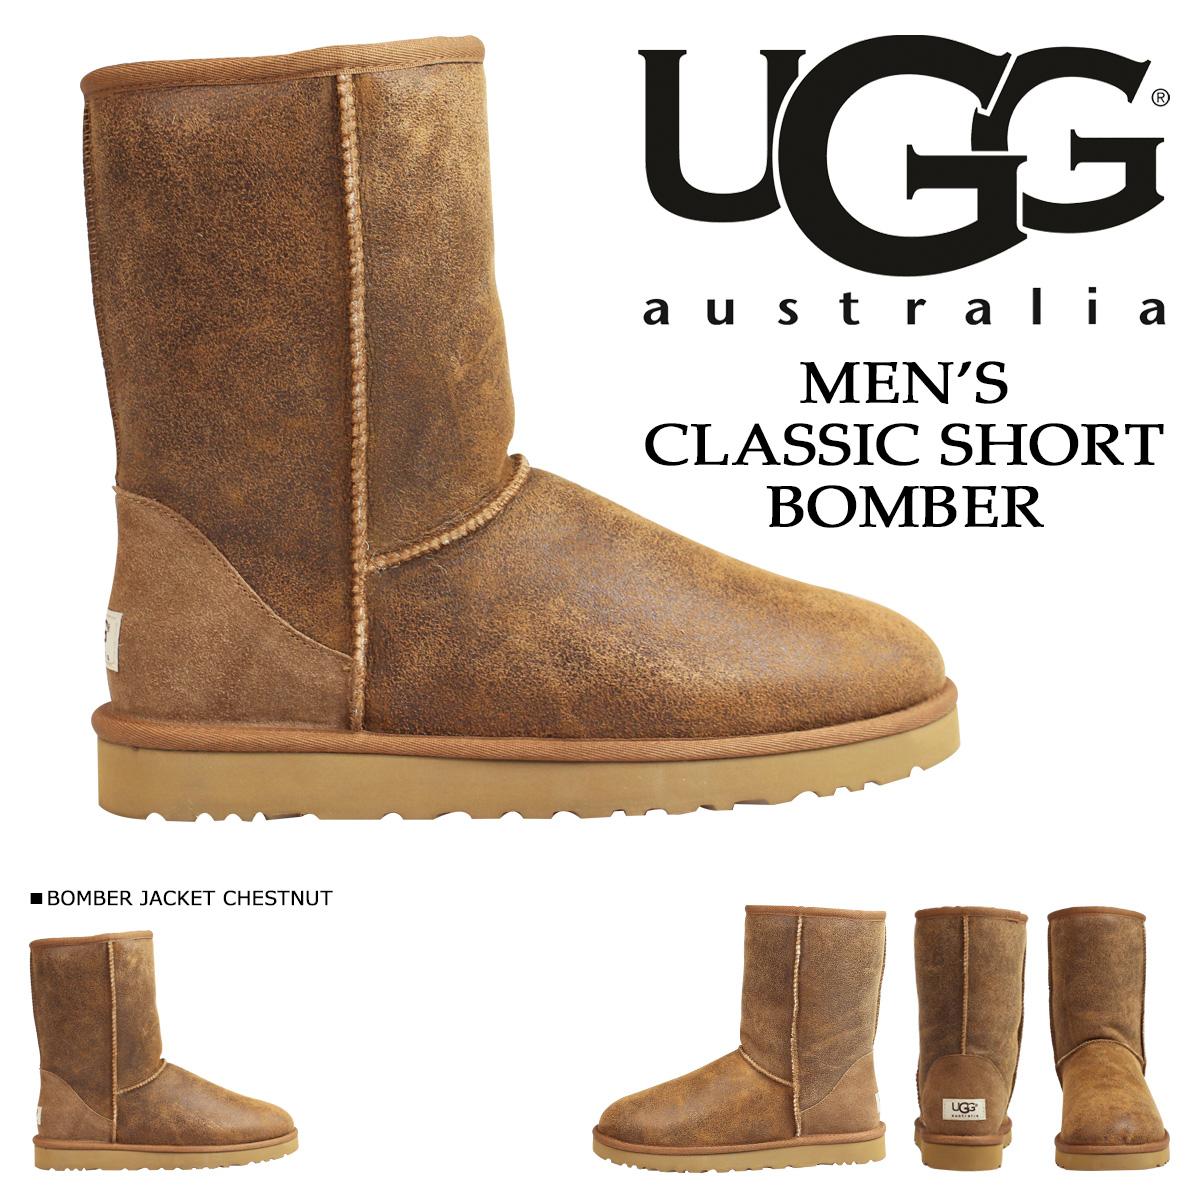 アグ UGG メンズ クラシック ショート ムートンブーツ MENS CLASSIC SHORT BOMBER 5984 シープスキン